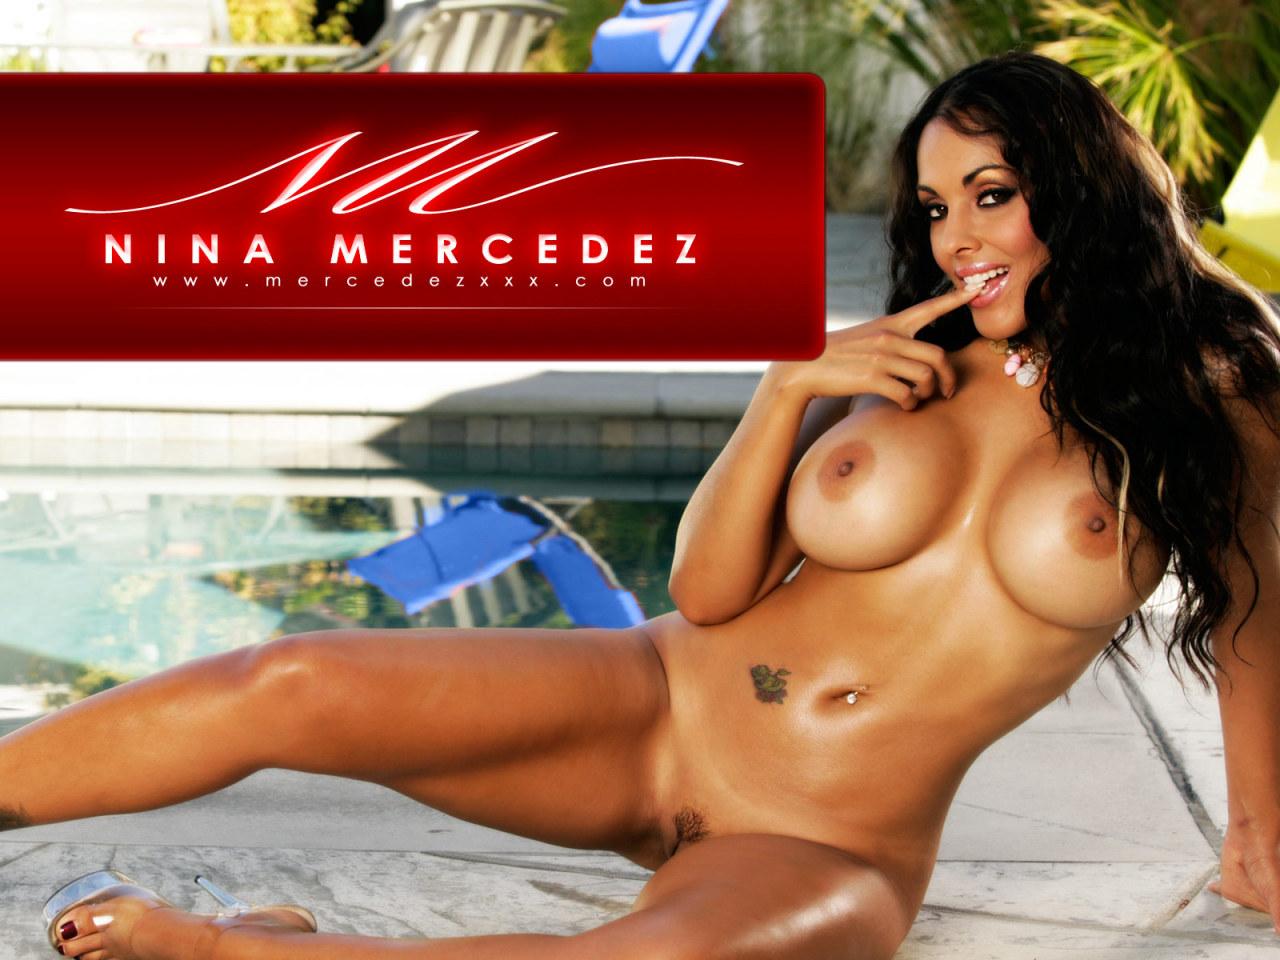 Nina mercedes hd онлайн